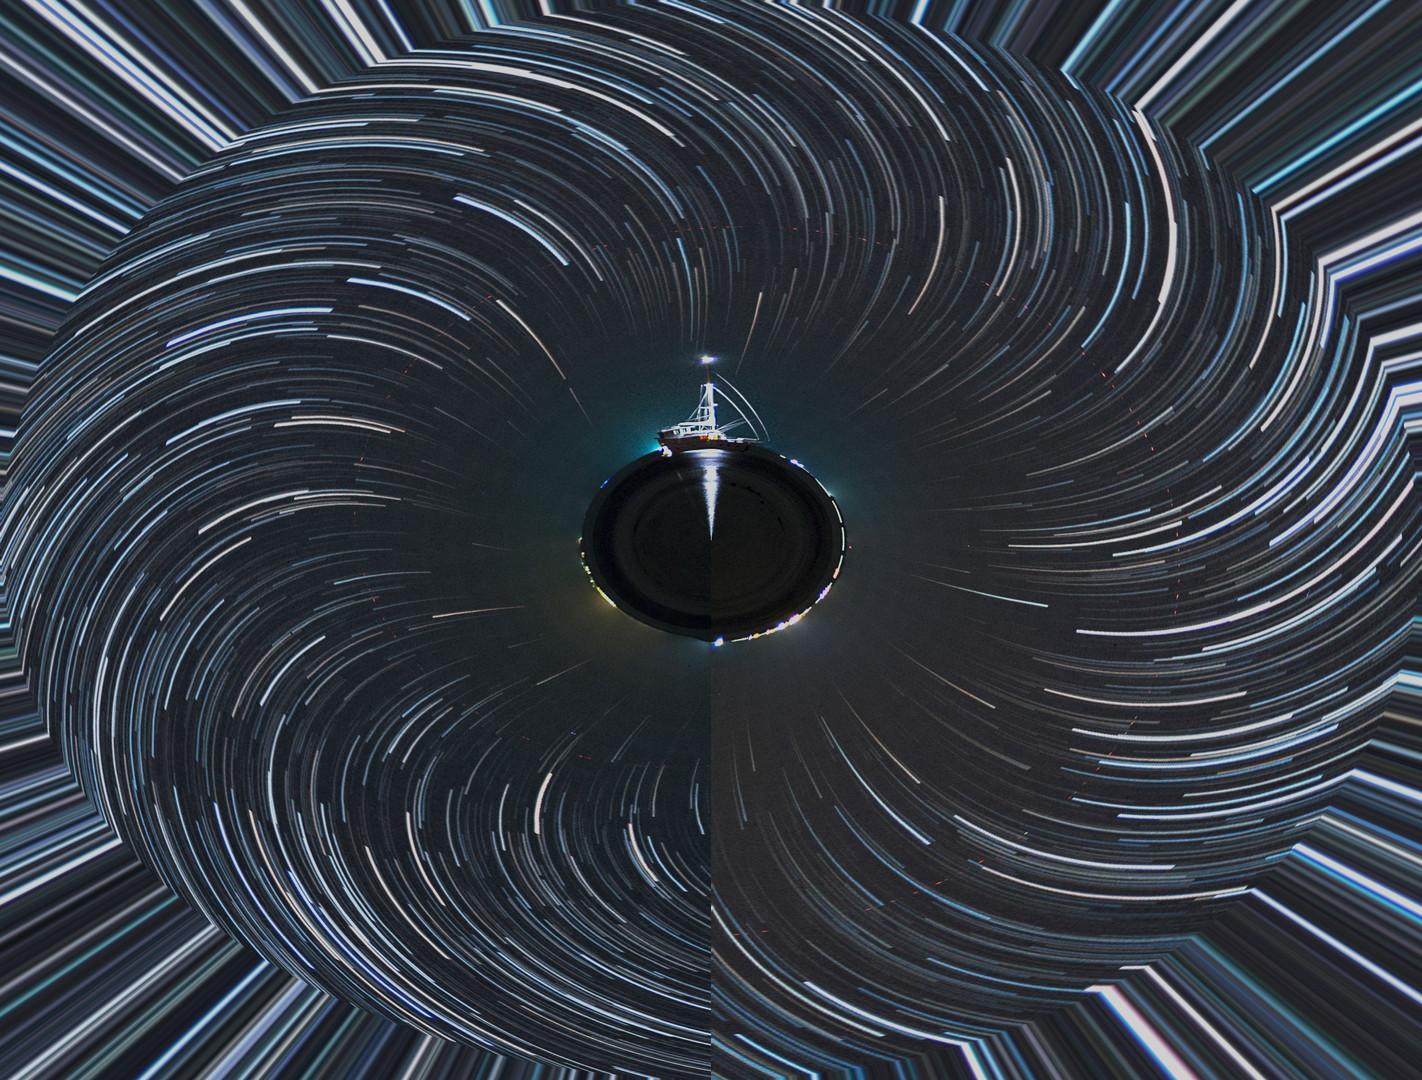 567_Soneva in Aqua experience - astronom